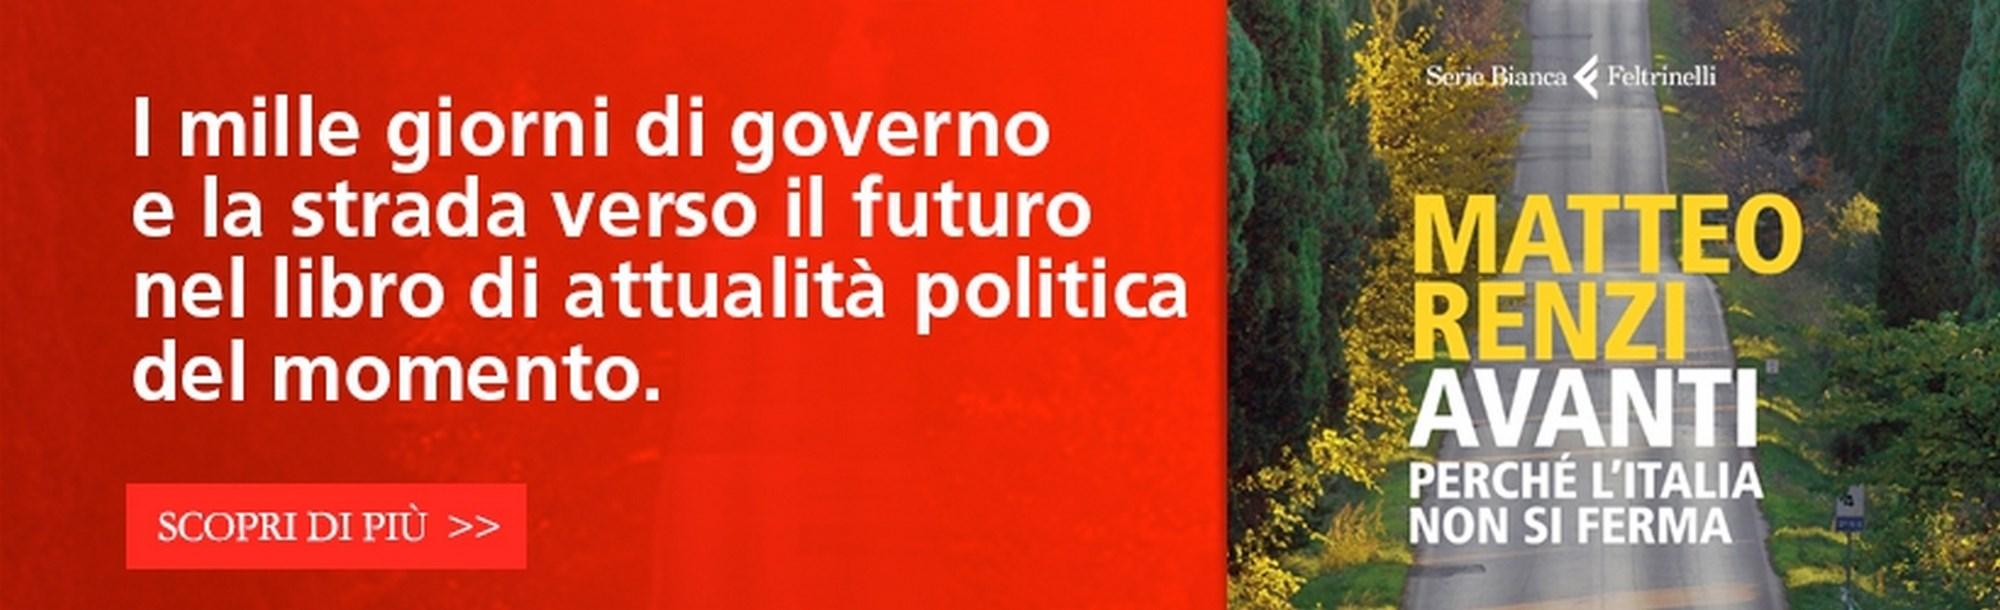 """""""AVANTI"""": Una lingua, un territorio, tanti progetti per l'Italia!"""